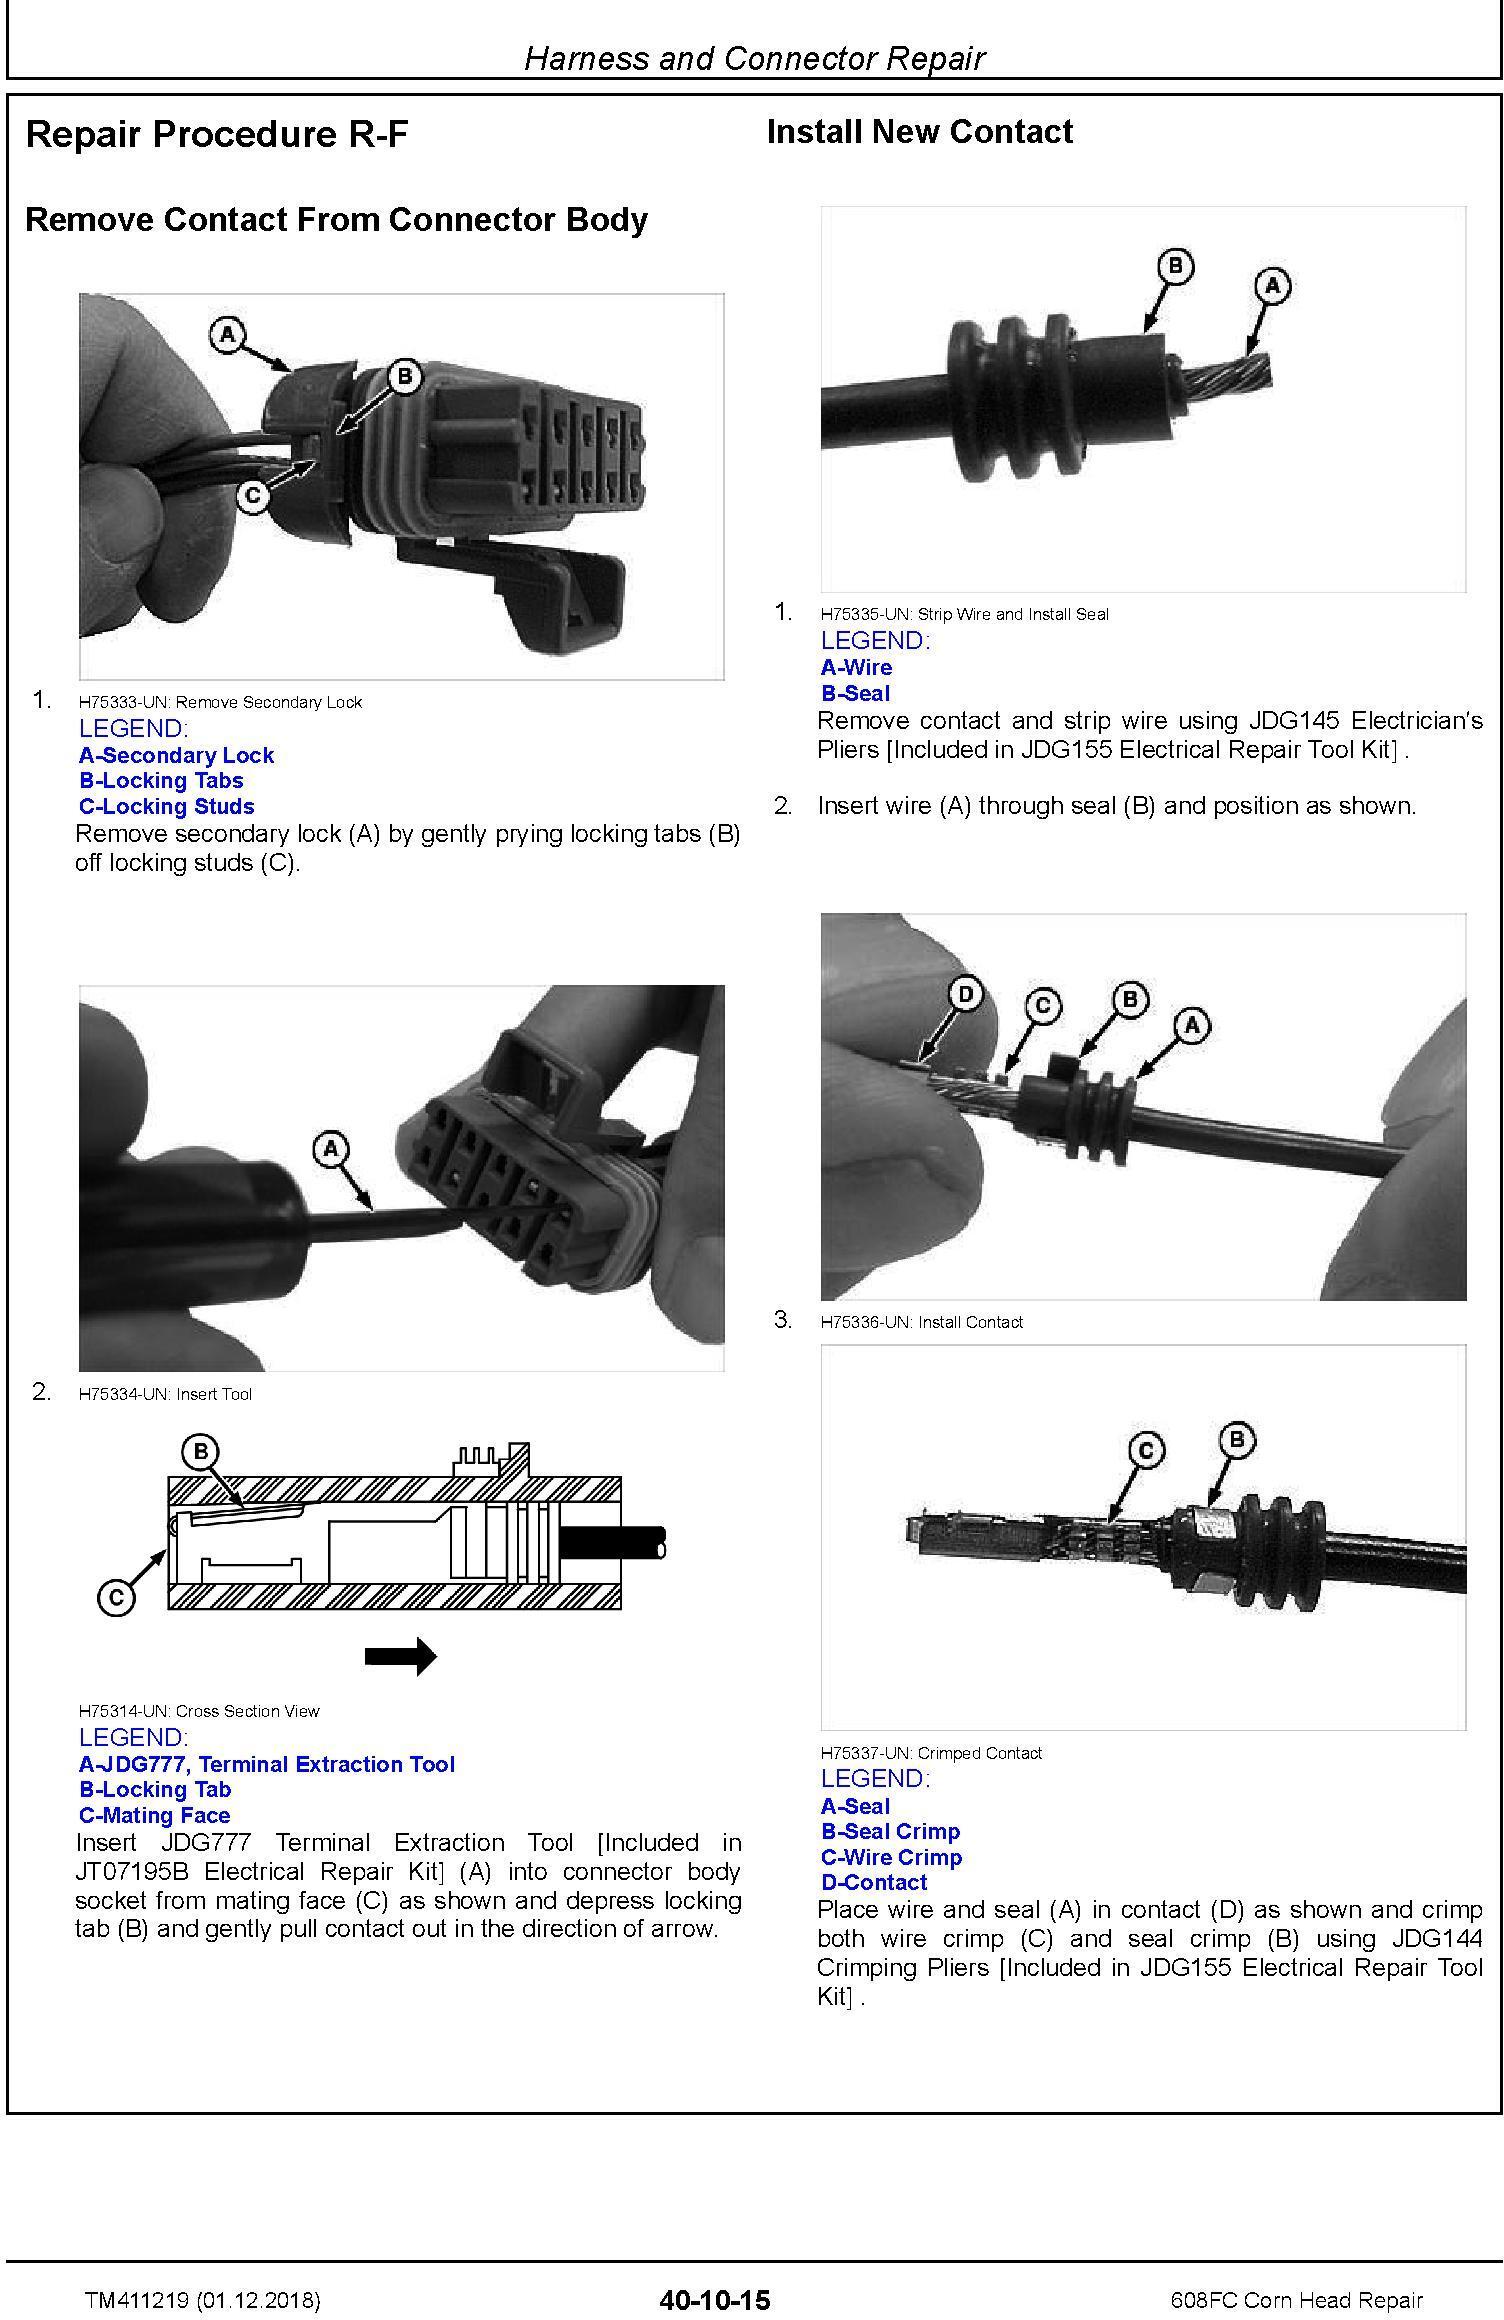 John Deere 608FC Corn Head Repair Technical Manual (TM411219) - 1